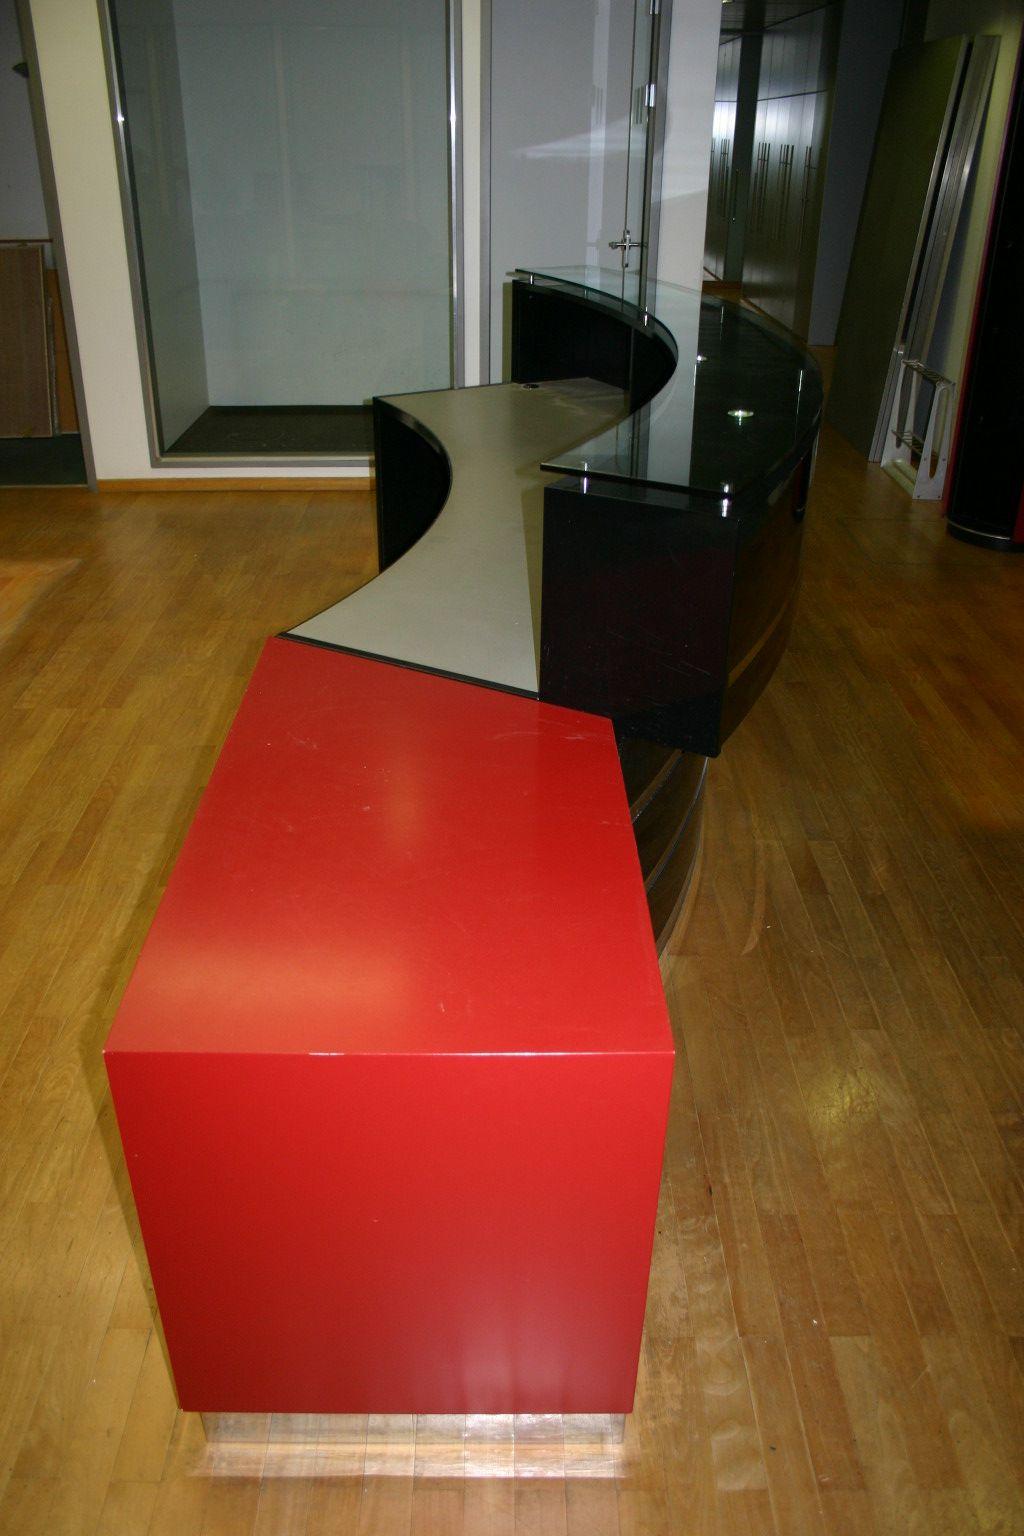 empfangstheke tresen theke holz lack schwarz rot. Black Bedroom Furniture Sets. Home Design Ideas